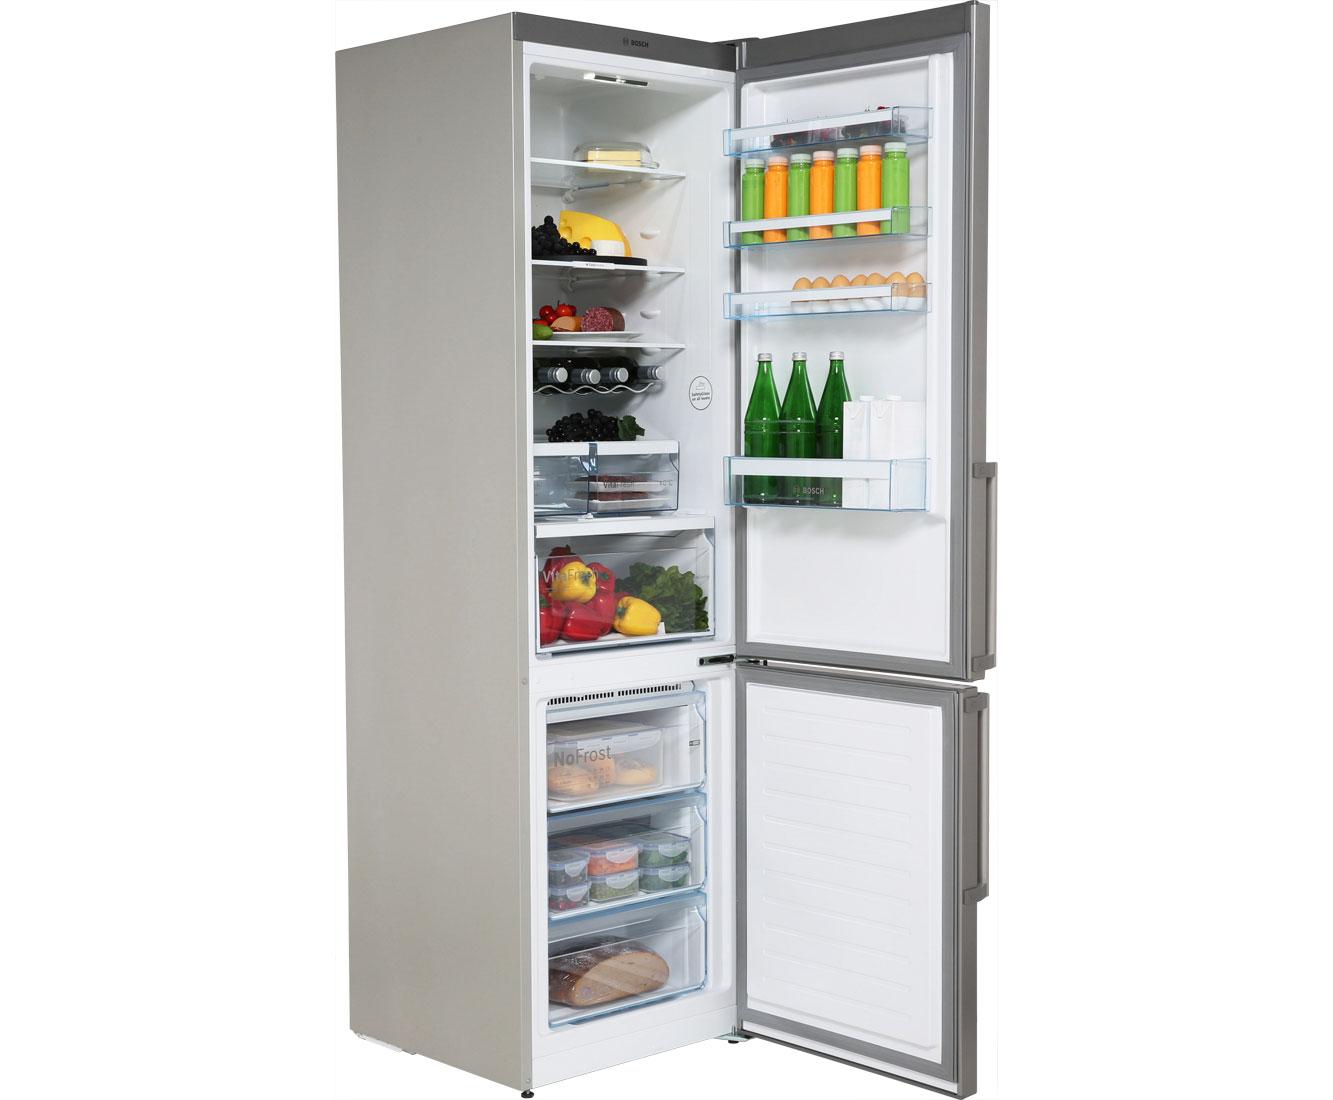 Bosch Serie 4 KGN39XL35 Kühl-Gefrierkombinationen - Edelstahl | Küche und Esszimmer > Küchenelektrogeräte > Kühl-Gefrierkombis | Edelstahl | Bosch